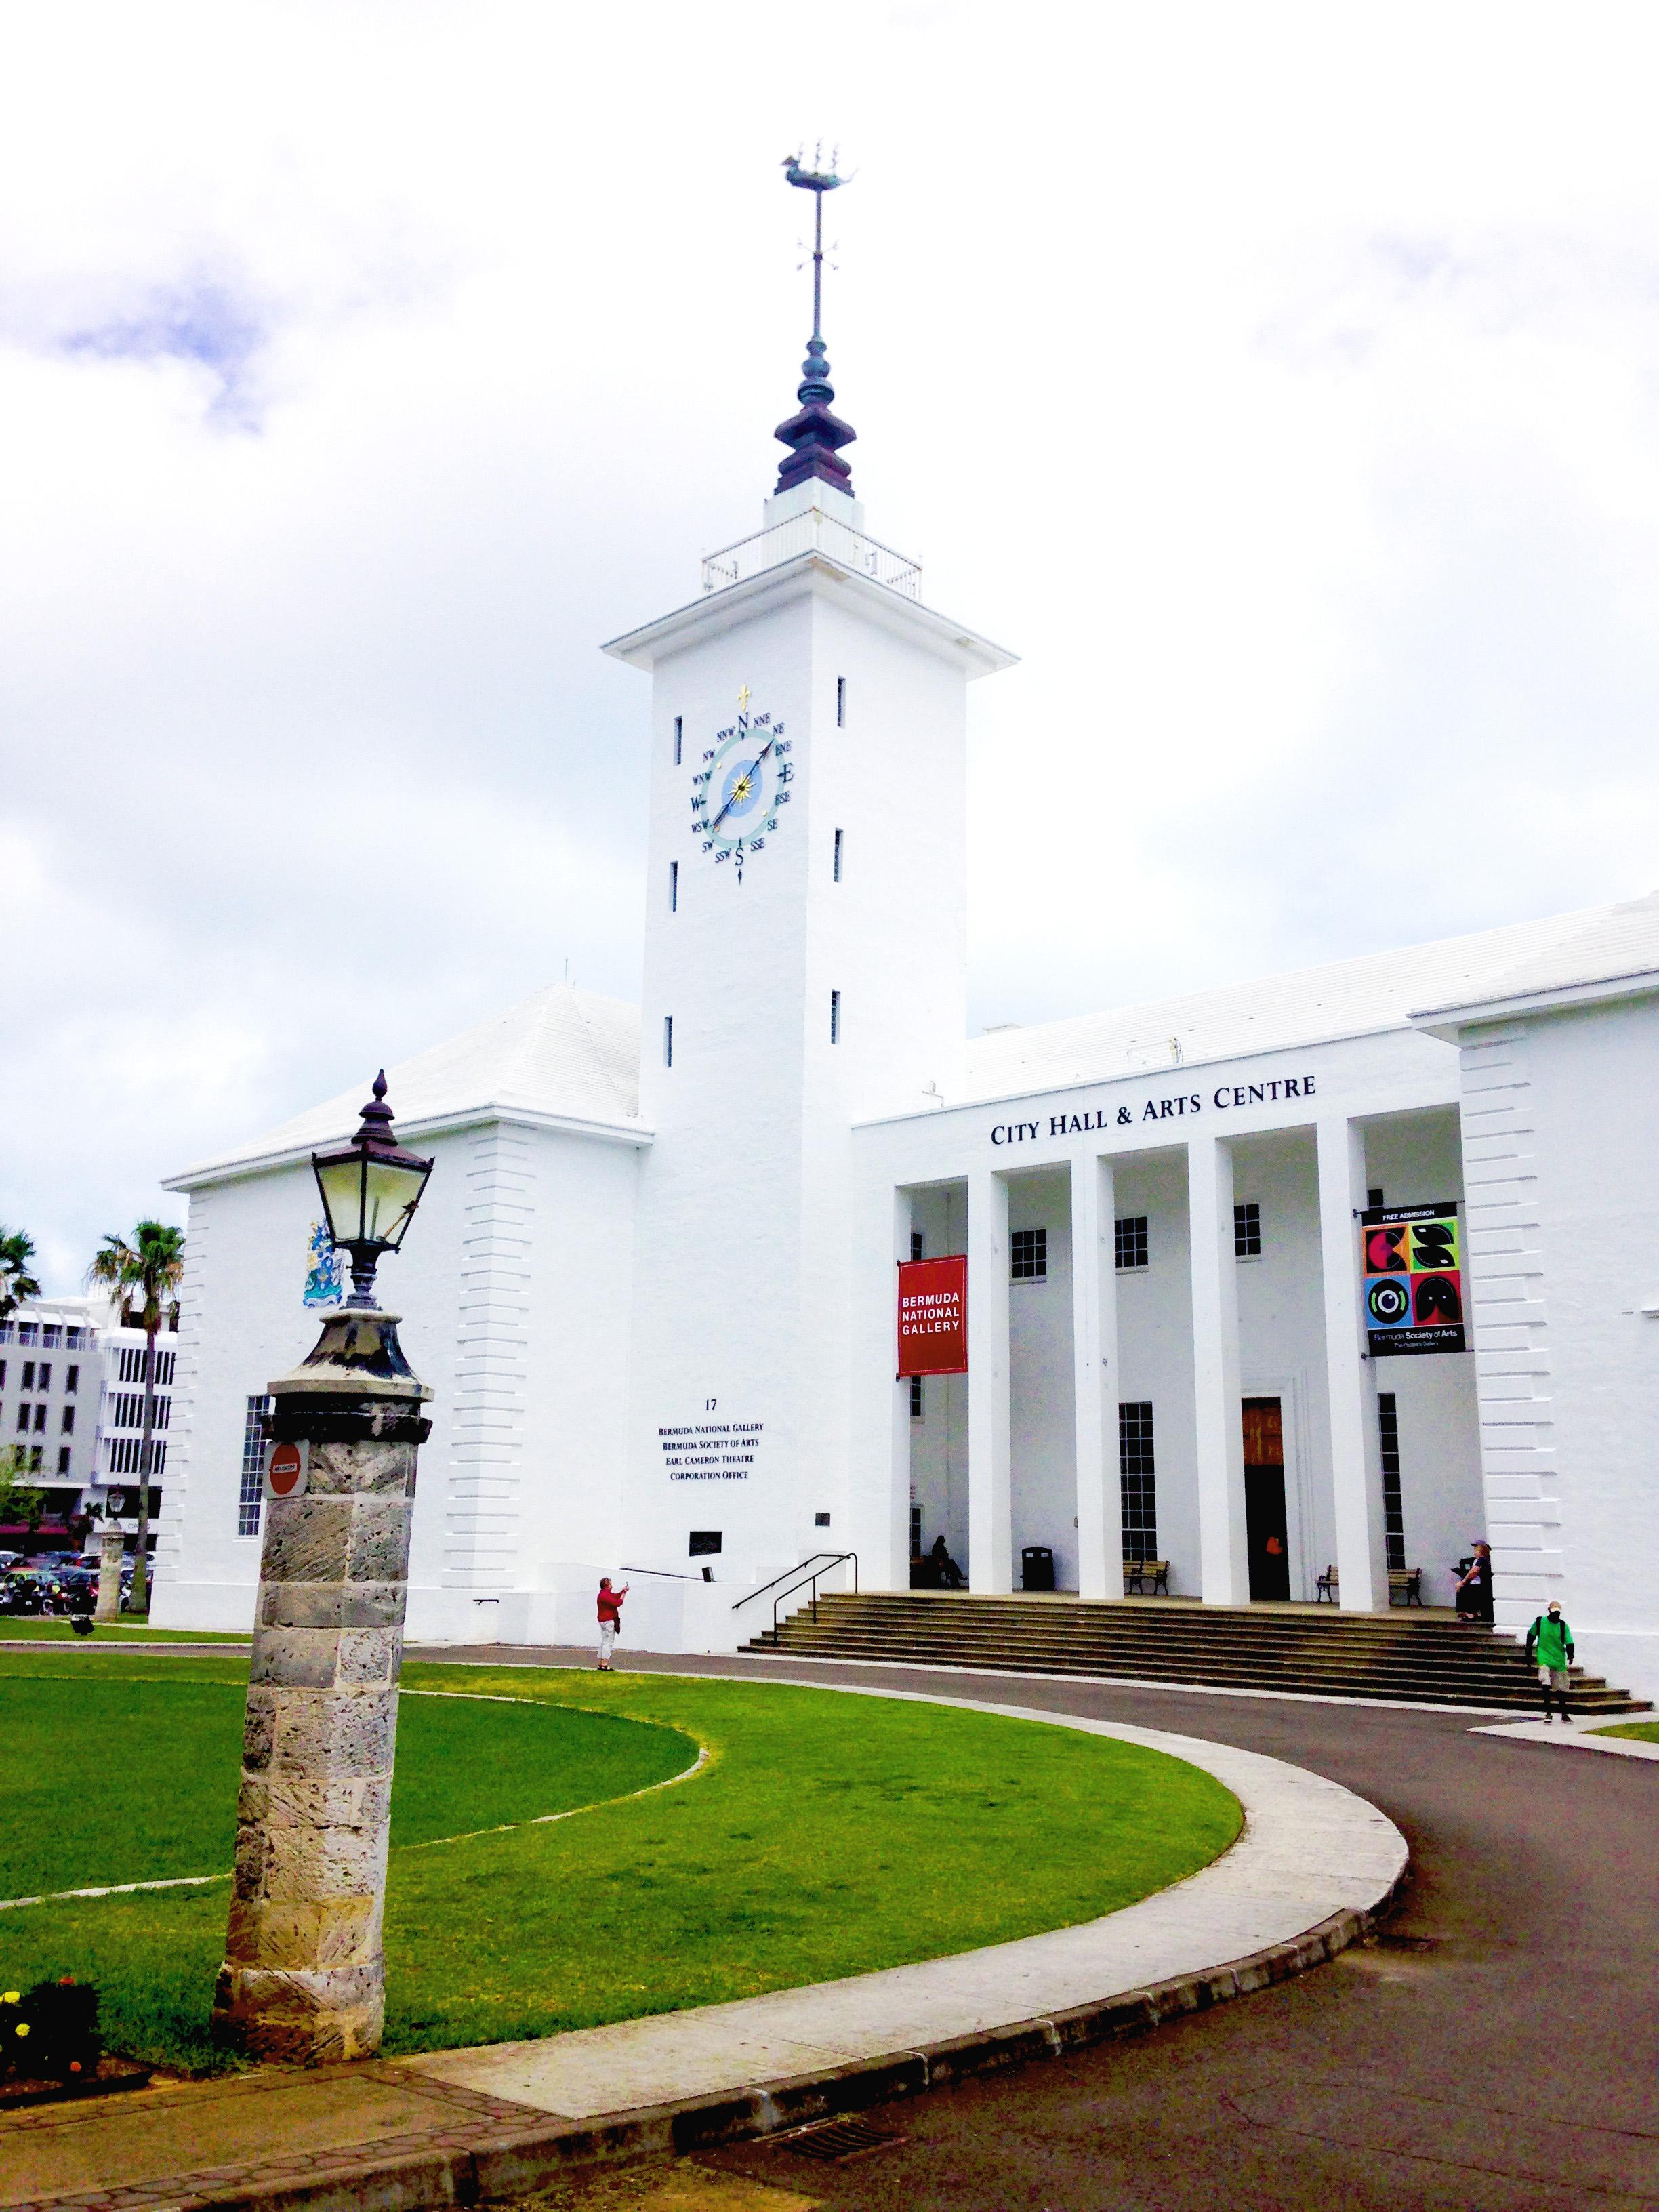 Bermuda_CityHallArtsCentre.jpg